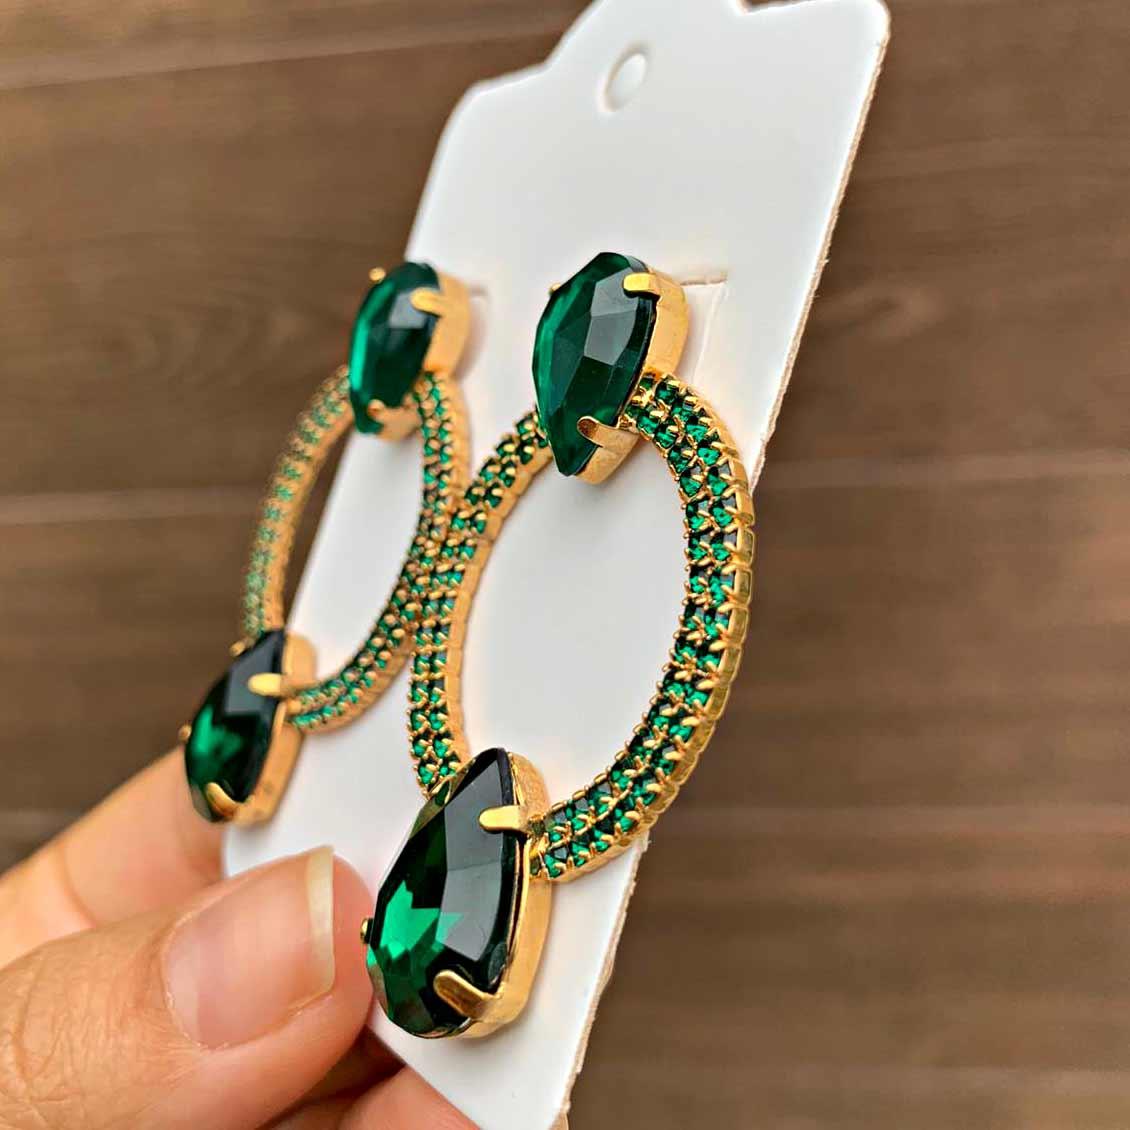 Brinco Semijoia Círculo Cravejado em Cristais Verde Escuro com Detalhe Gota Folheado a Ouro 18K